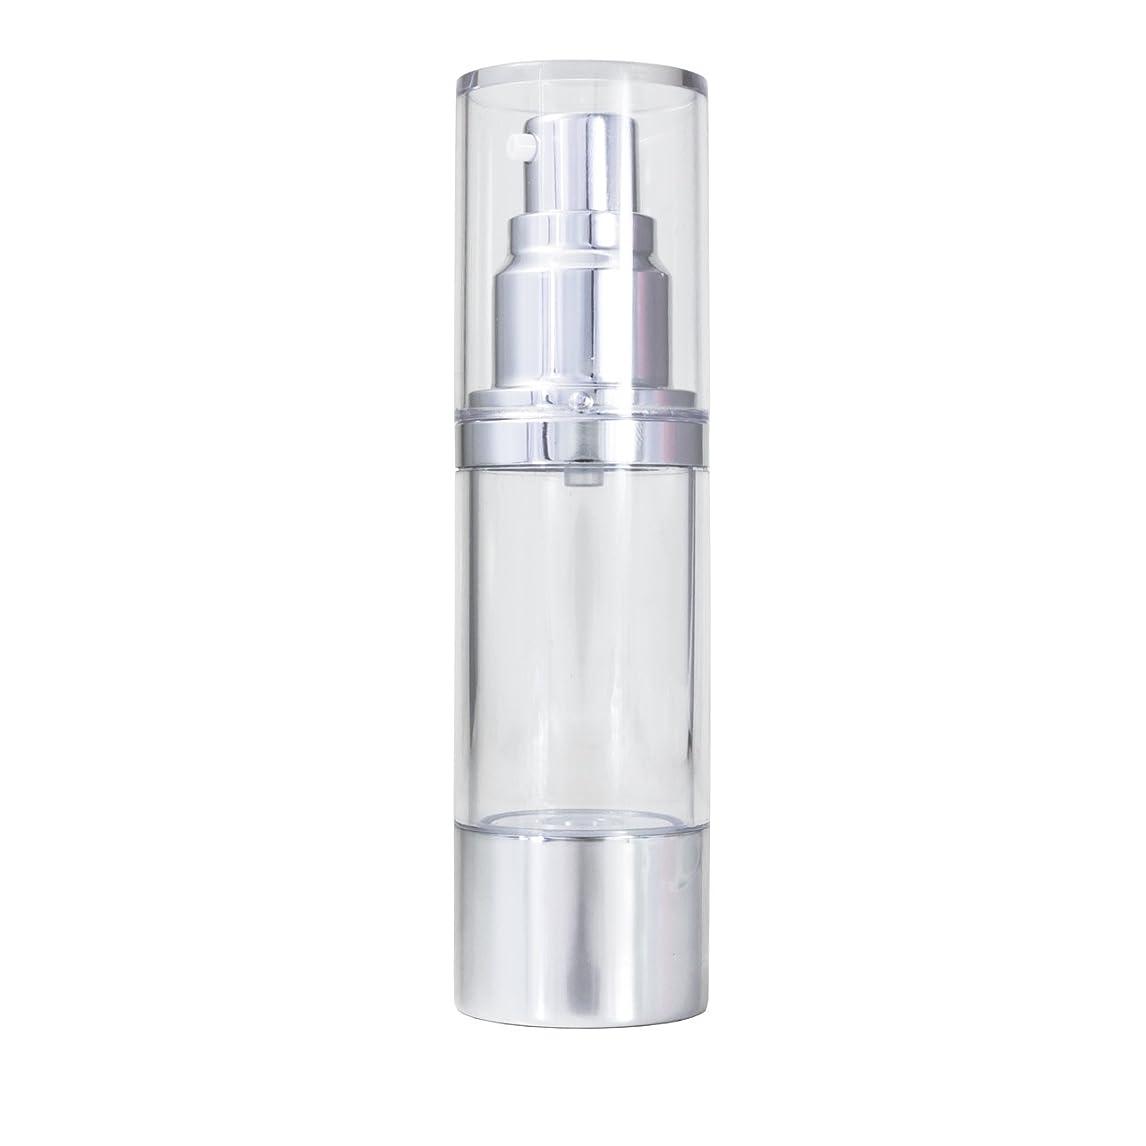 セメント矩形スリッパエアレス 容器 30ml 【化粧品容器】